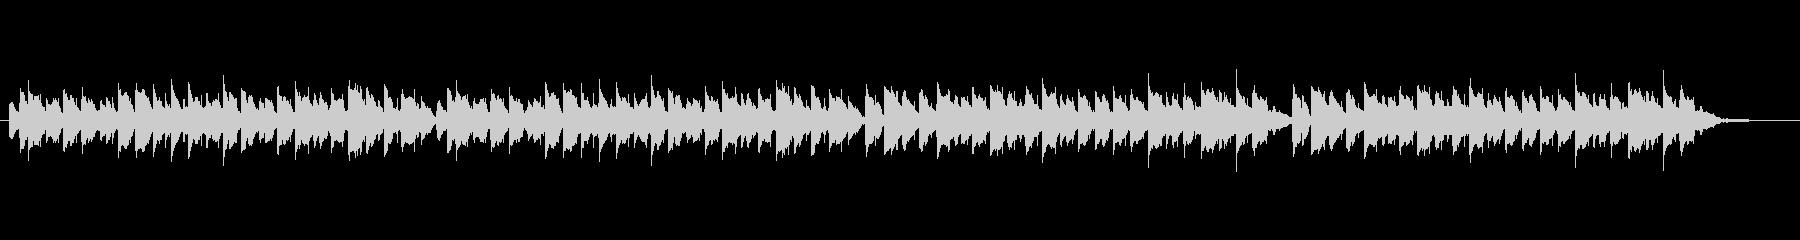 クラシックピアノ、チェルニーNo.14の未再生の波形